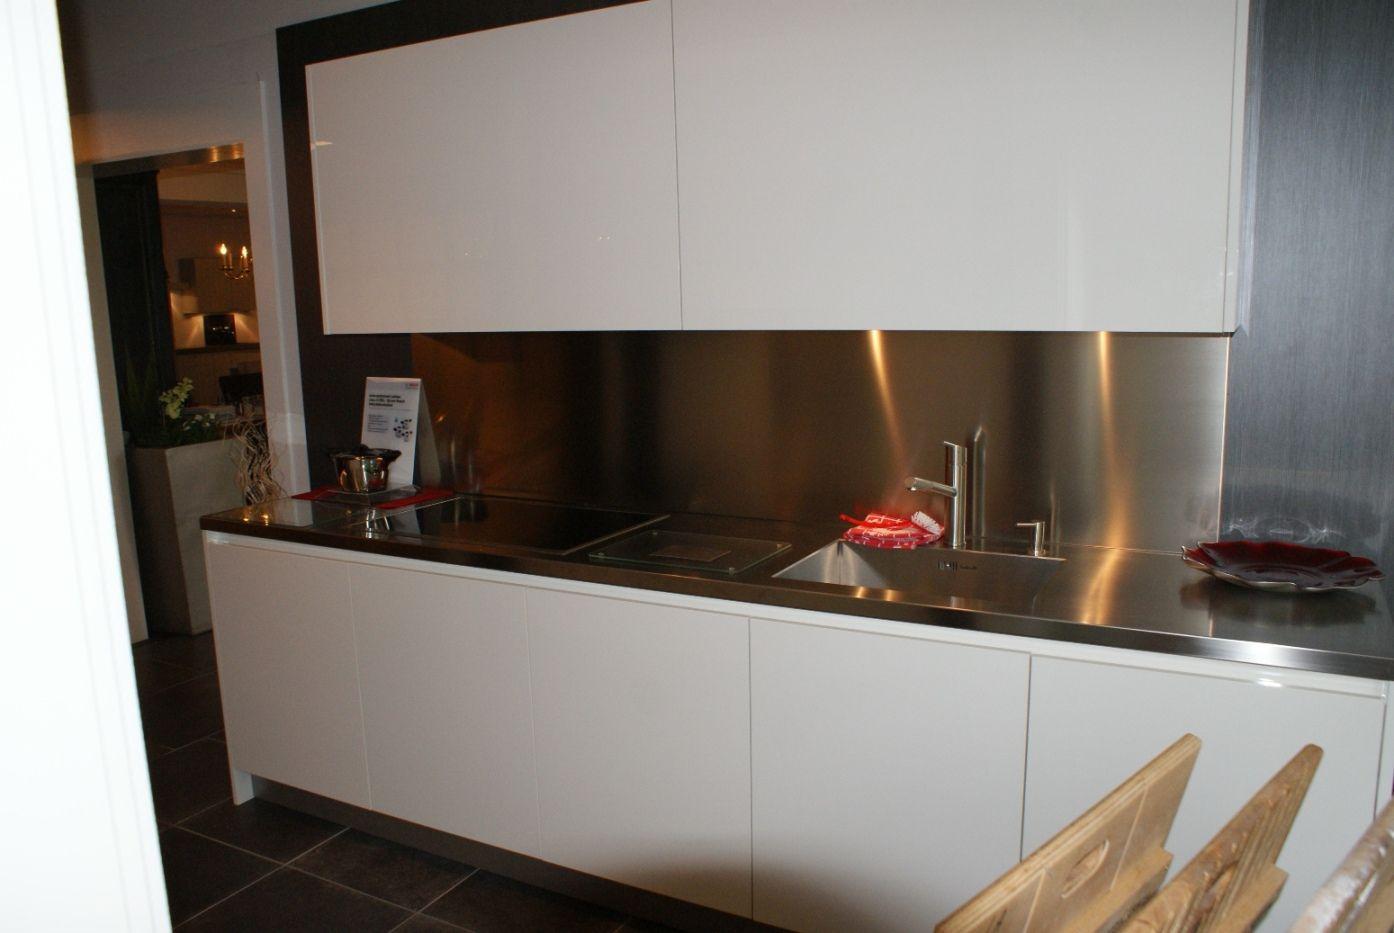 Riviera Maison Keuken Paul Roescher : Keuken Greeploos Of Niet : keukensite van Nederland Luxe hoogglans